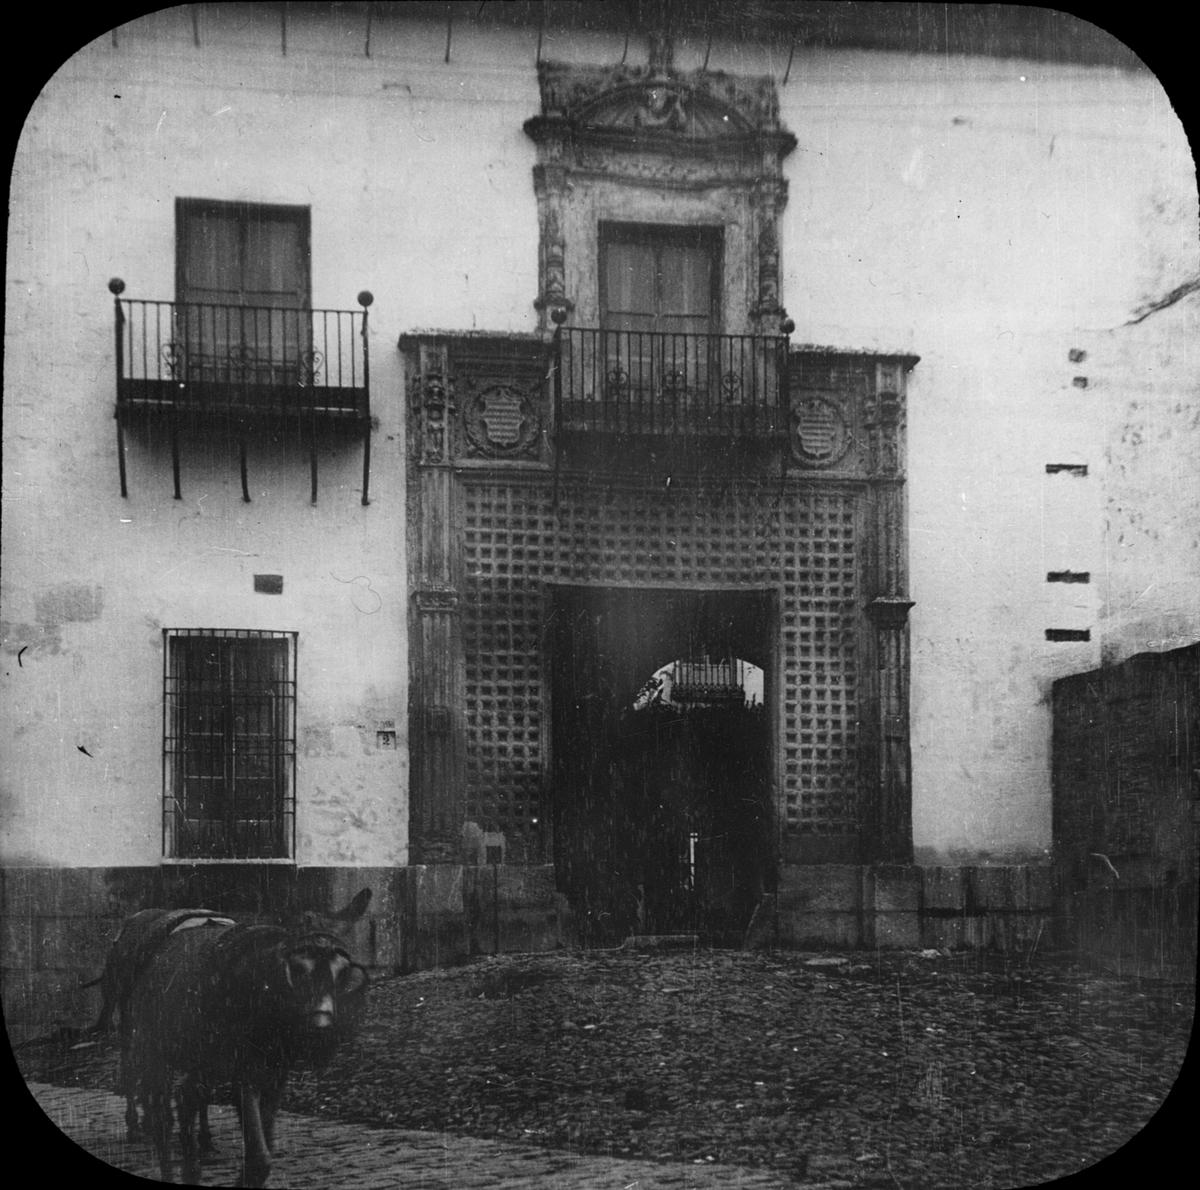 Skioptikonbild med motiv från Granada. Bilden har förvarats i kartong märkt: Granada 1910. Granada 9. N:8.